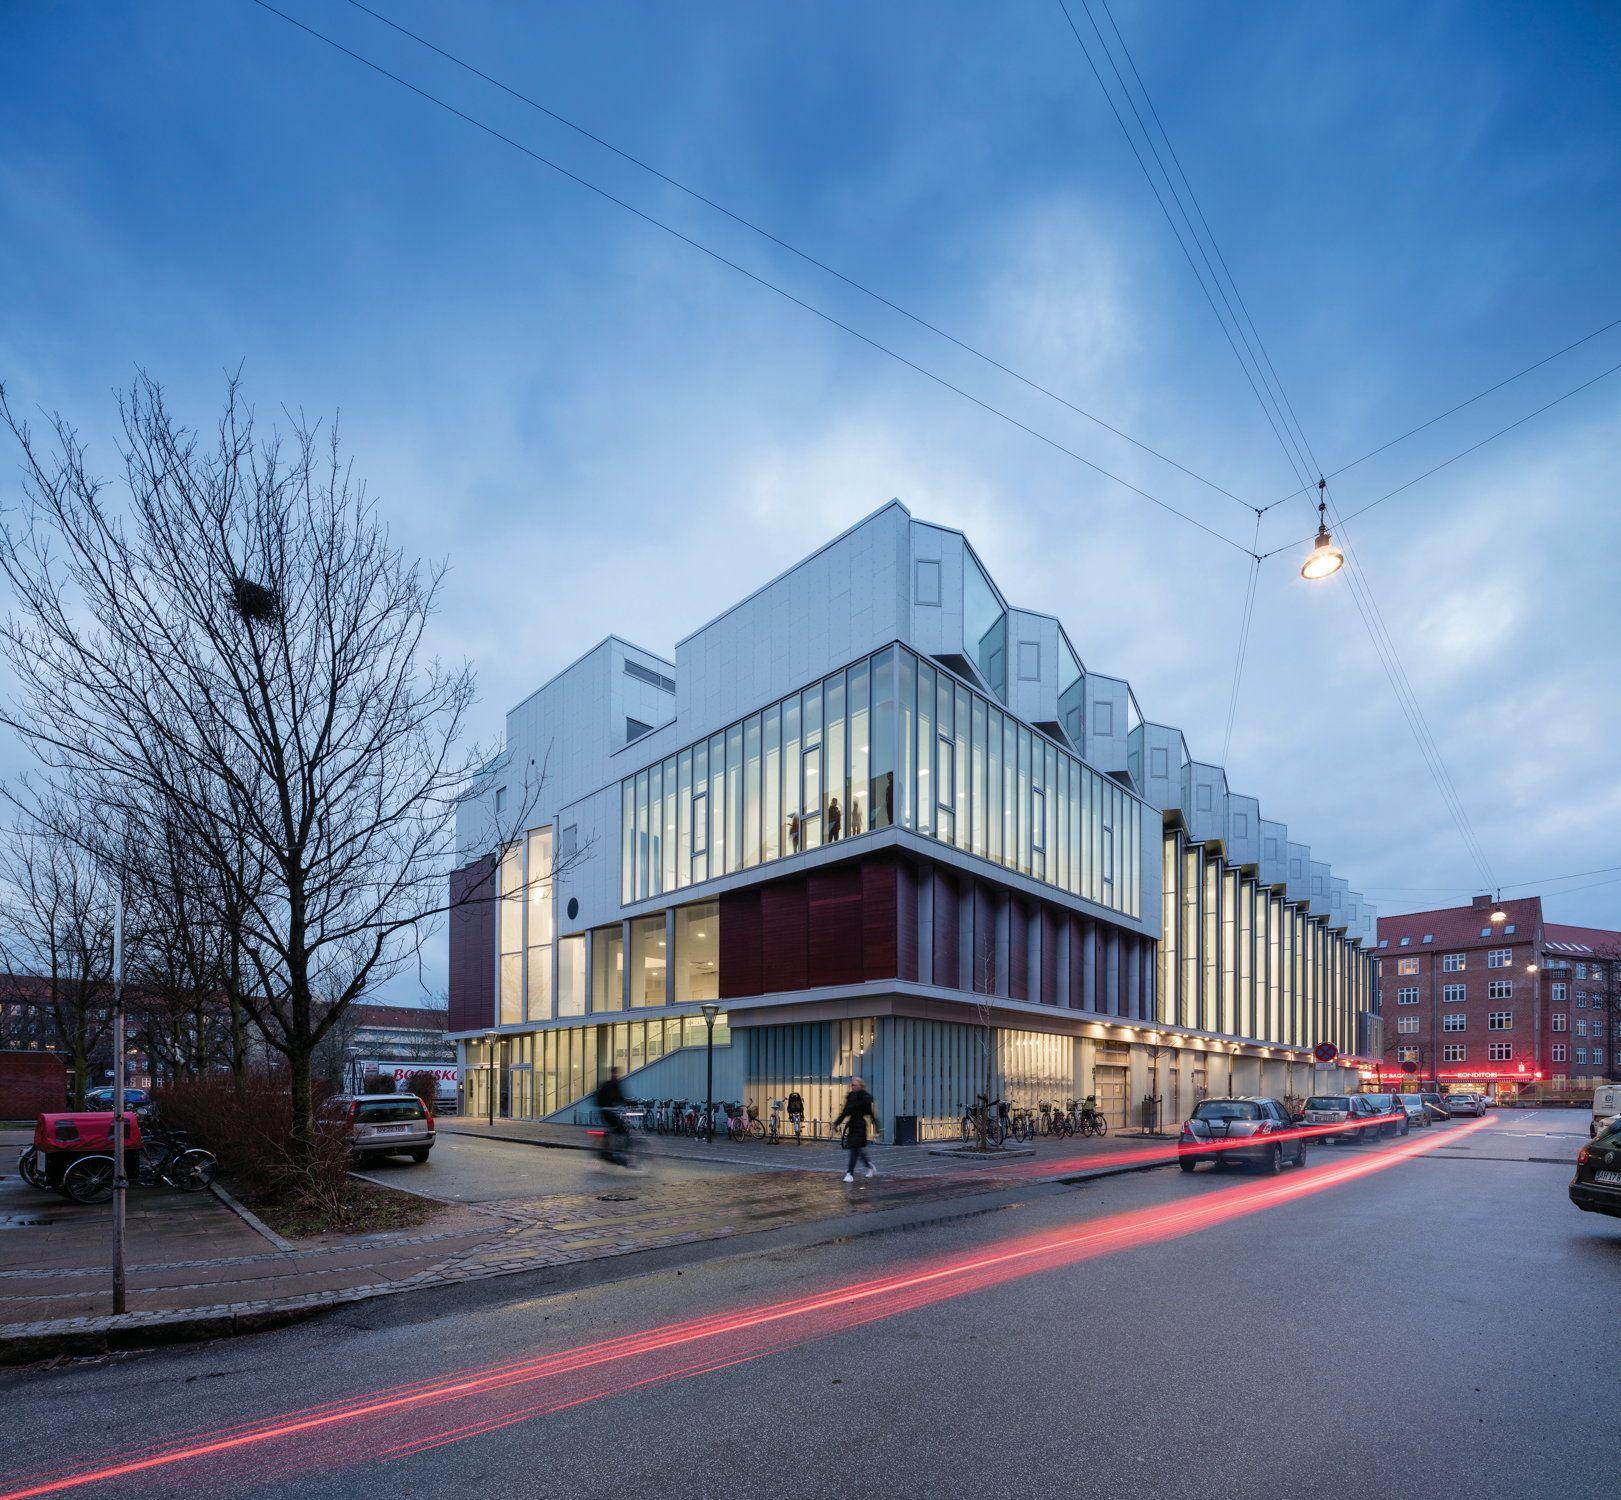 wohnsporthalle mit supermarkt hybrid von dorte mandrup in kopenhagen pinterest kopenhagen. Black Bedroom Furniture Sets. Home Design Ideas